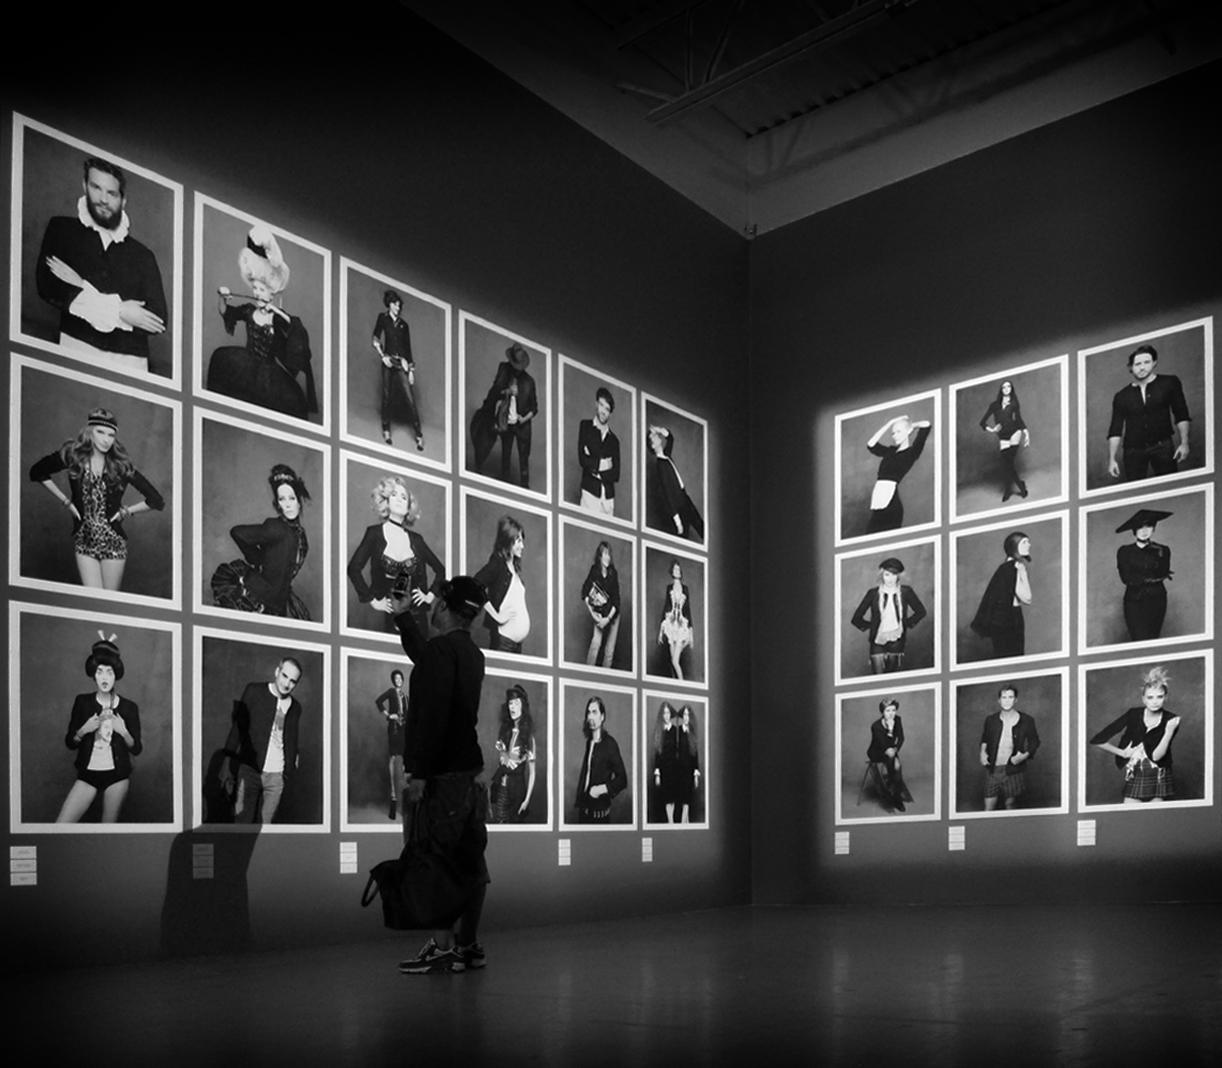 http://3.bp.blogspot.com/-ni7JDeC6-Rk/UJ5nrVzIsSI/AAAAAAAABjs/VrkTdOGVnVE/s1600/Karl-Lagerfeld-Roitfeld-Channel-black-jacket.jpg